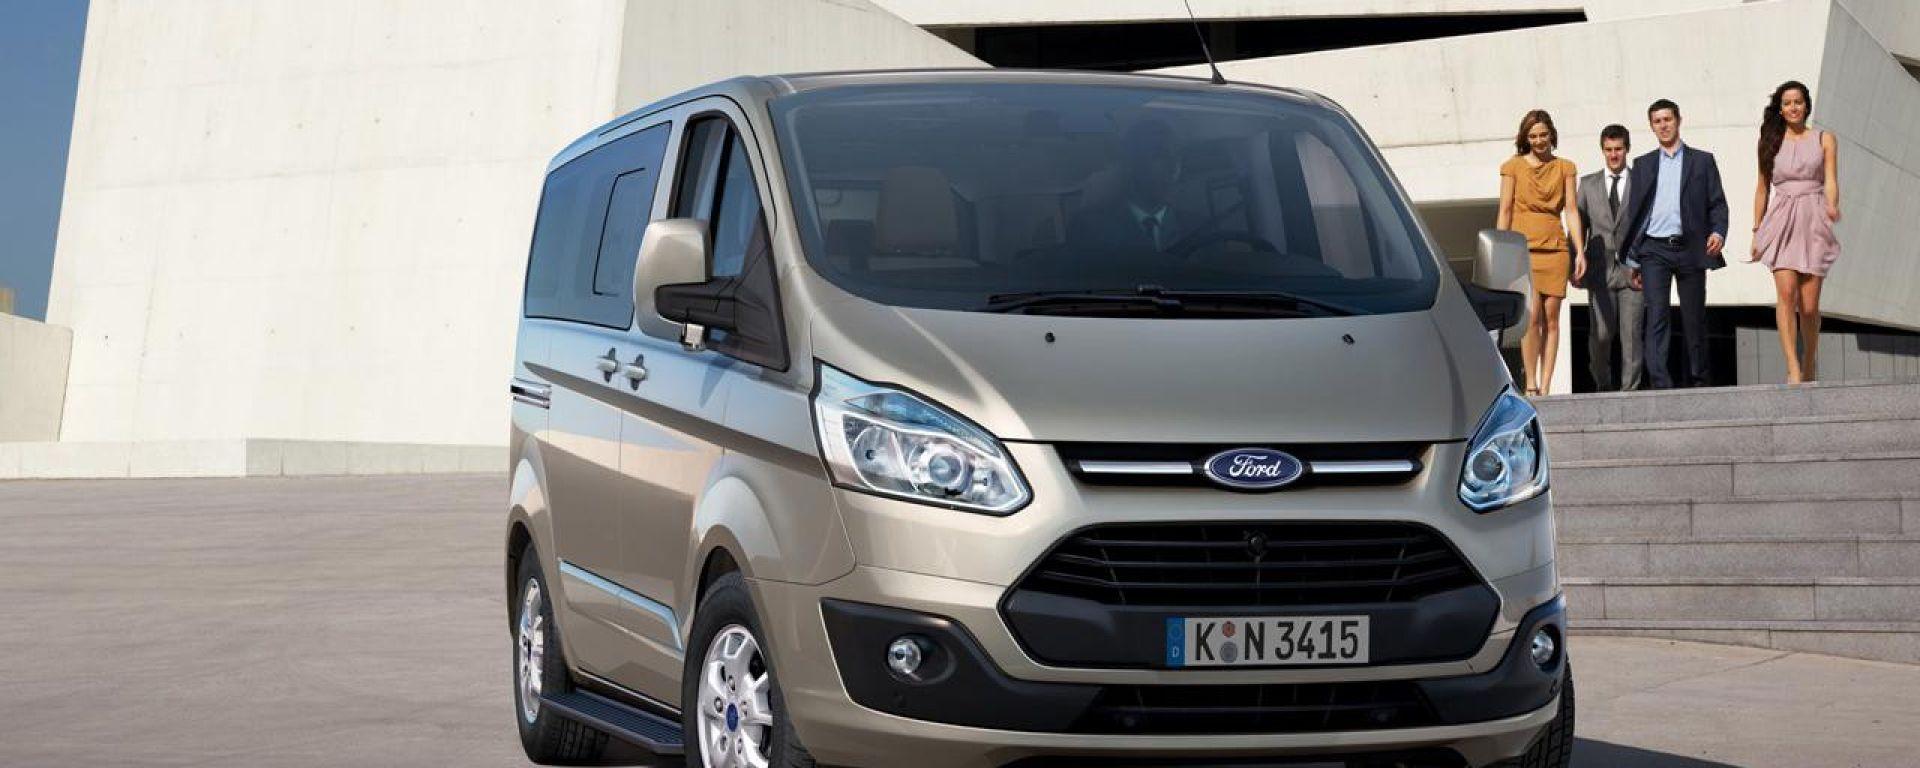 Ford Tourneo Custom: arriva la versione di serie